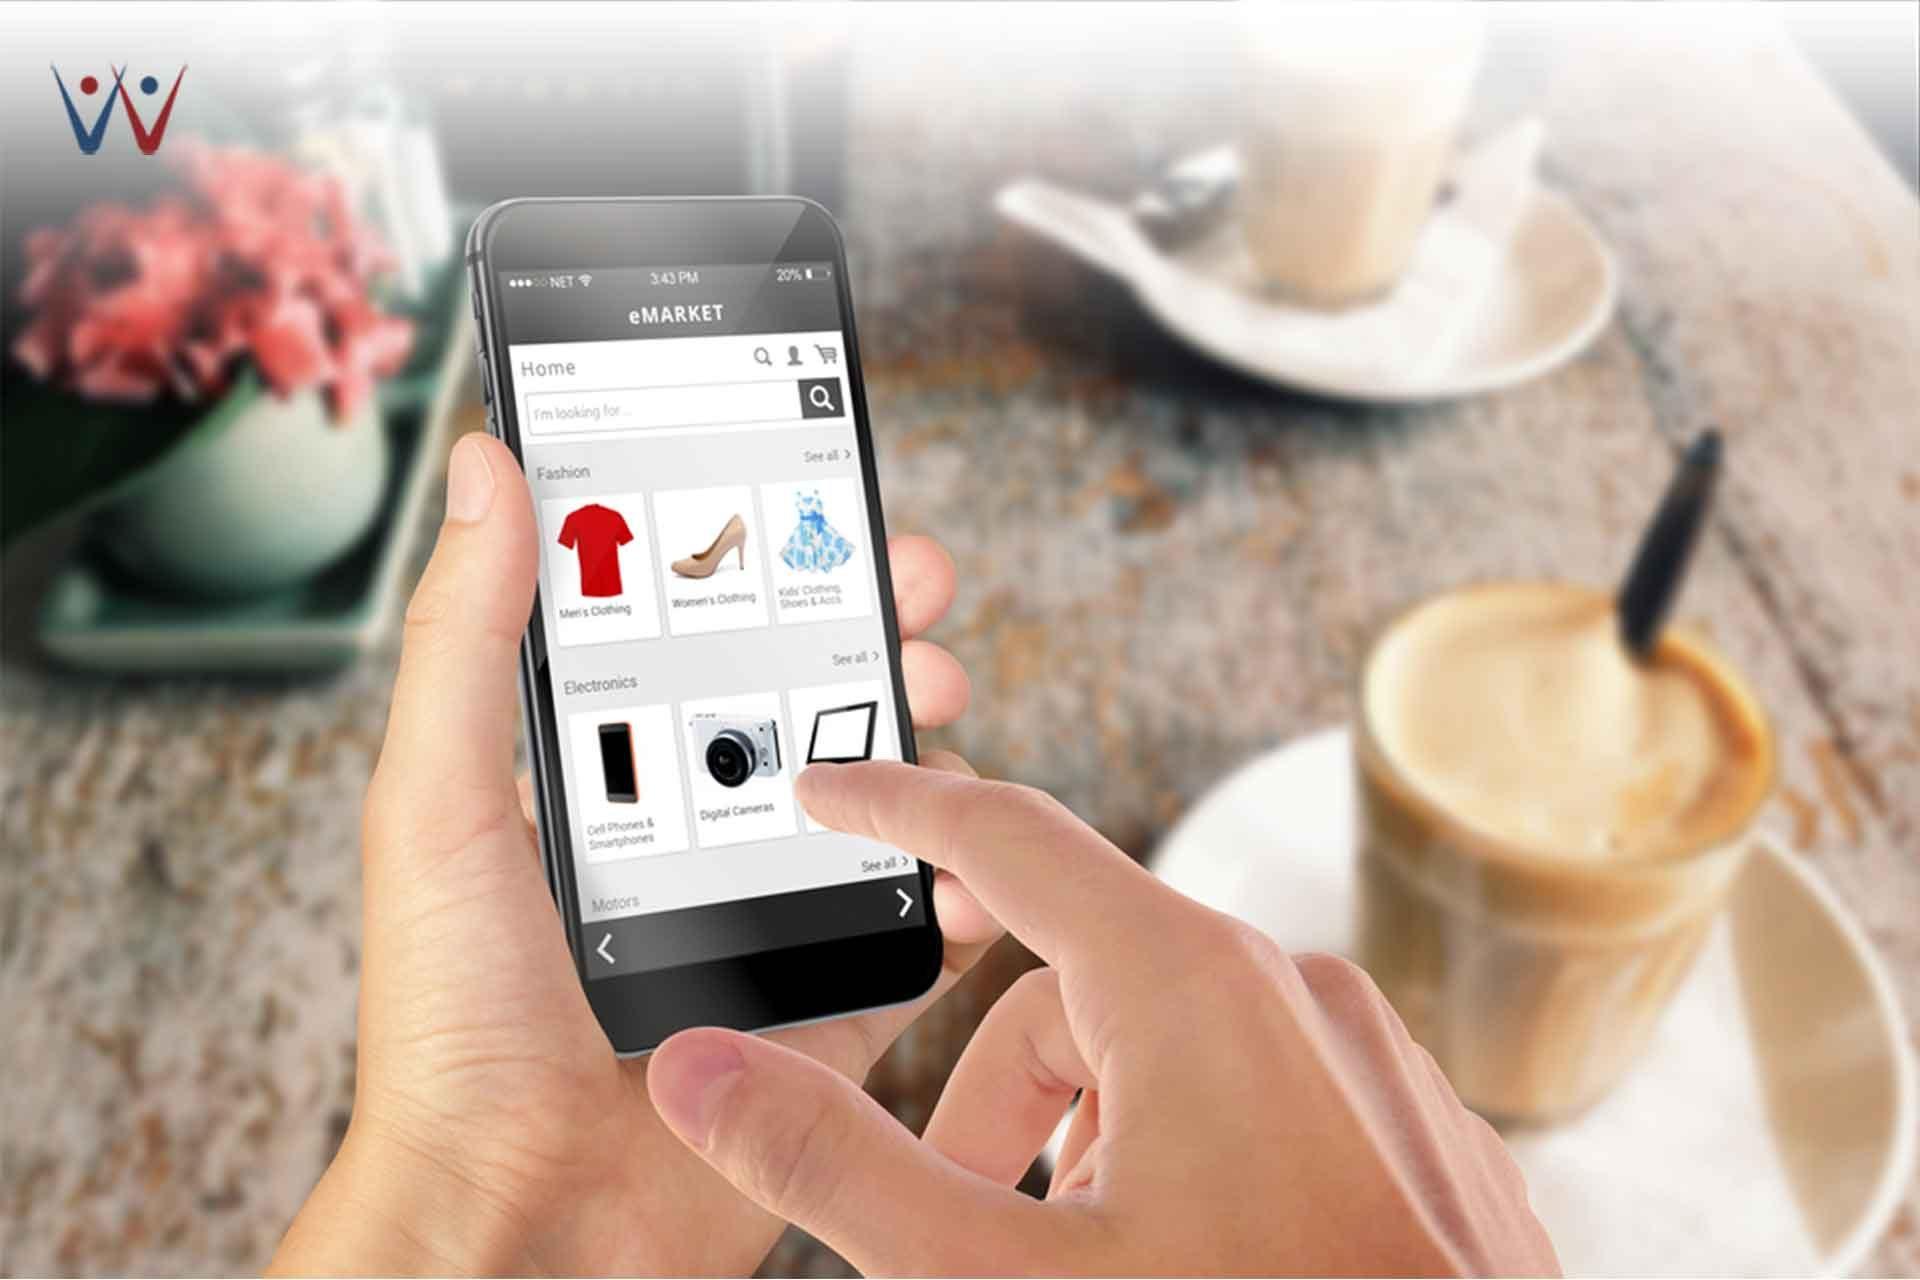 Batasi Kunjungan Situs Belanja Online-Hapus Aplikasi Belanja Online di Ponsel-3 Aplikasi Smartphone yang Bikin Kamu Gagal Hemat-Strategi Bisnis Offline Agar Tidak Punah di Zaman E-commerce